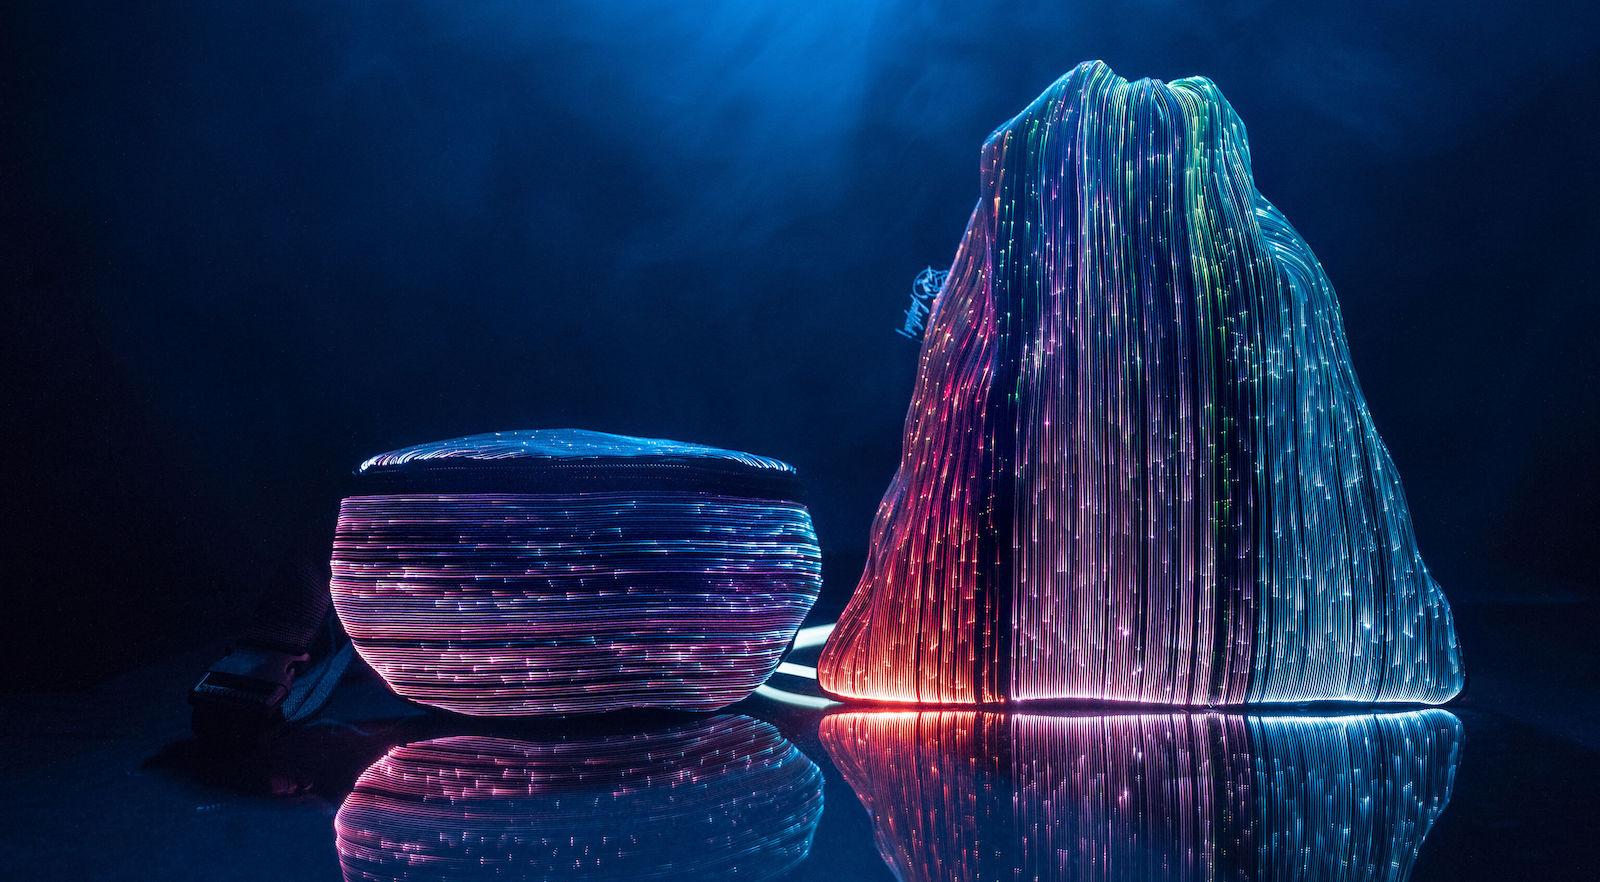 Svíticí tašky kolekce NEBULITE umí vytvářet chromatický vizuální zážitek